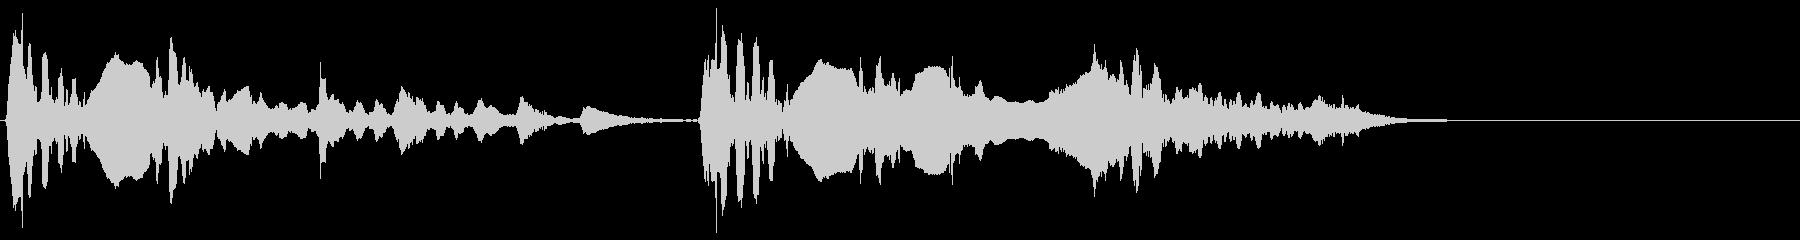 生演奏 尺八 薩摩琵琶 その1 残響音有の未再生の波形